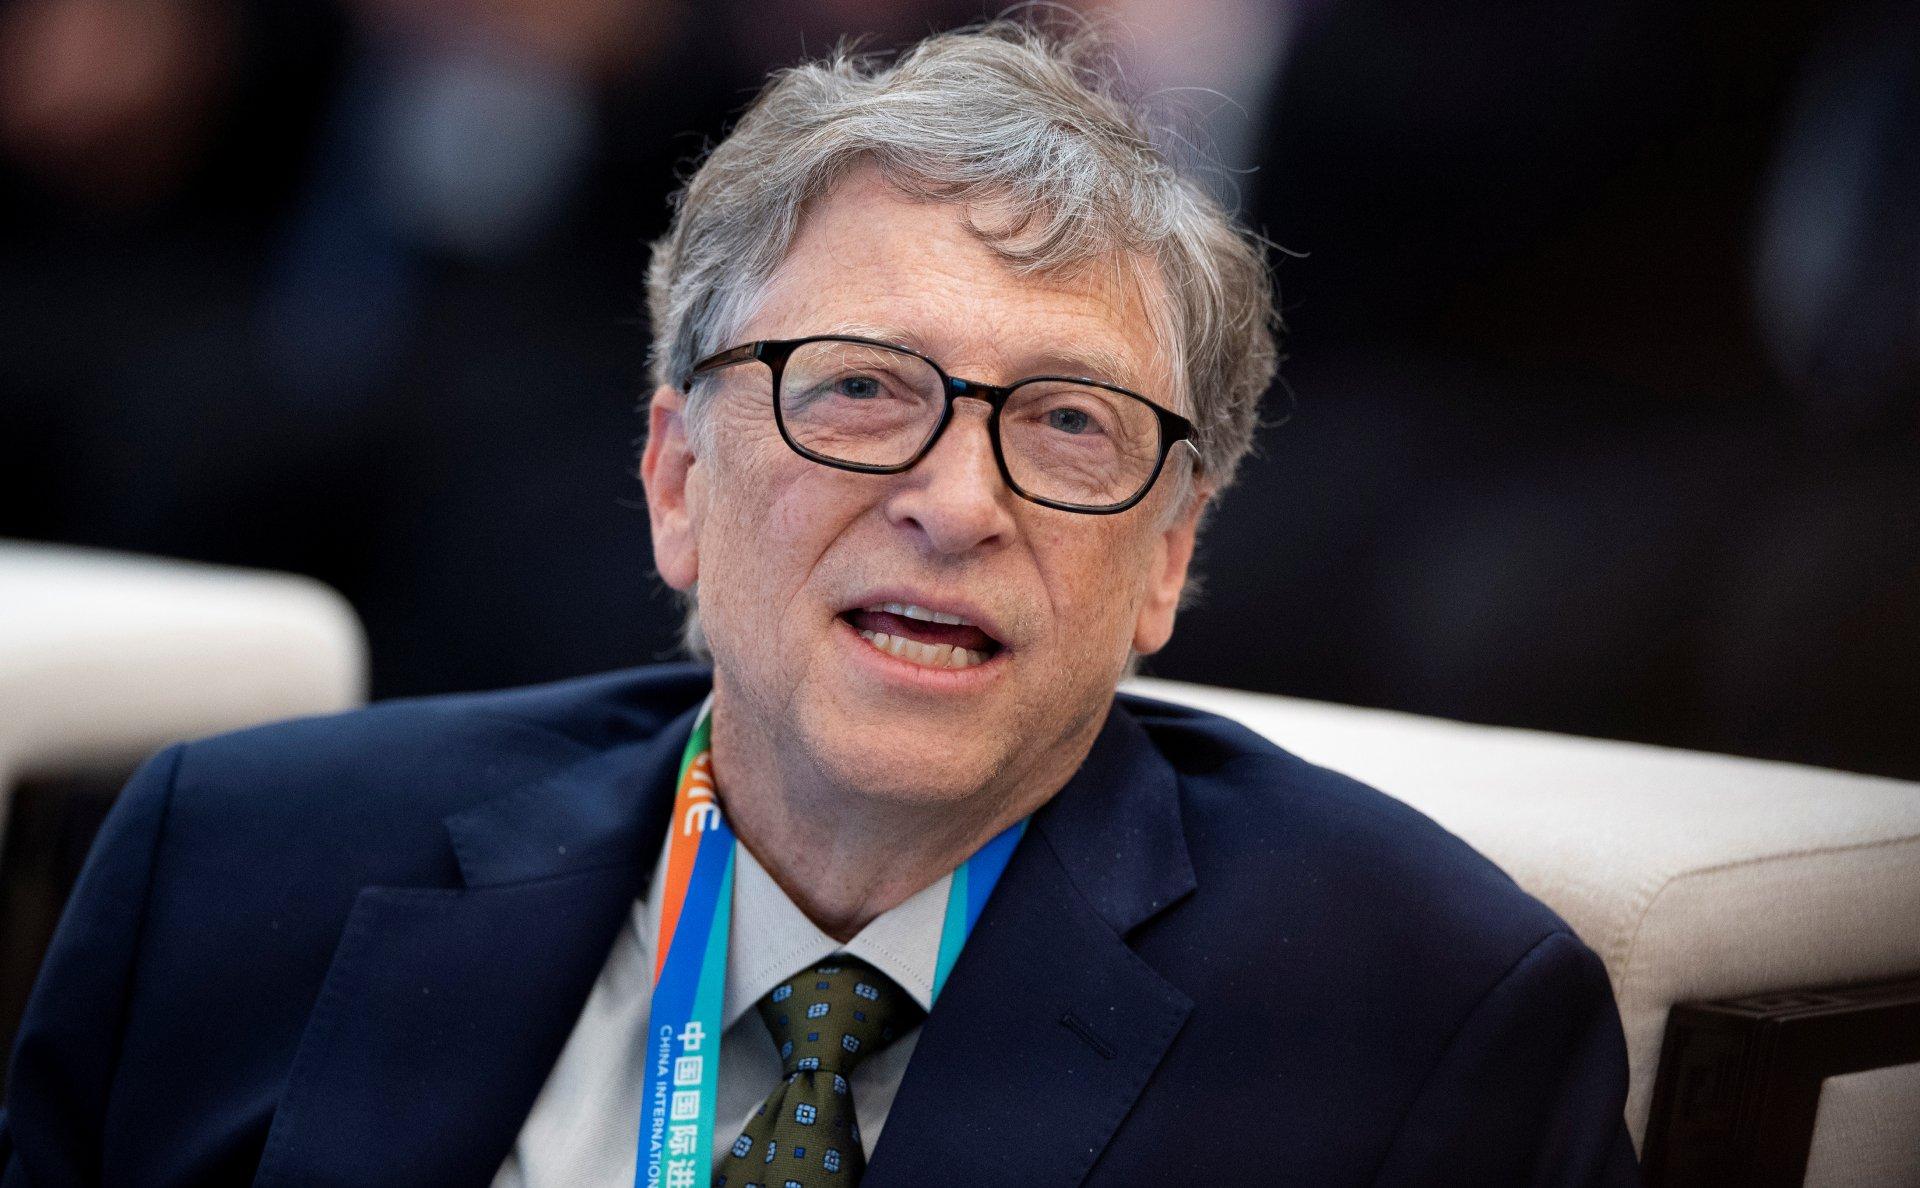 Гейтс пытается оправдать побочные эффекты вакцины быстрым отслеживанием